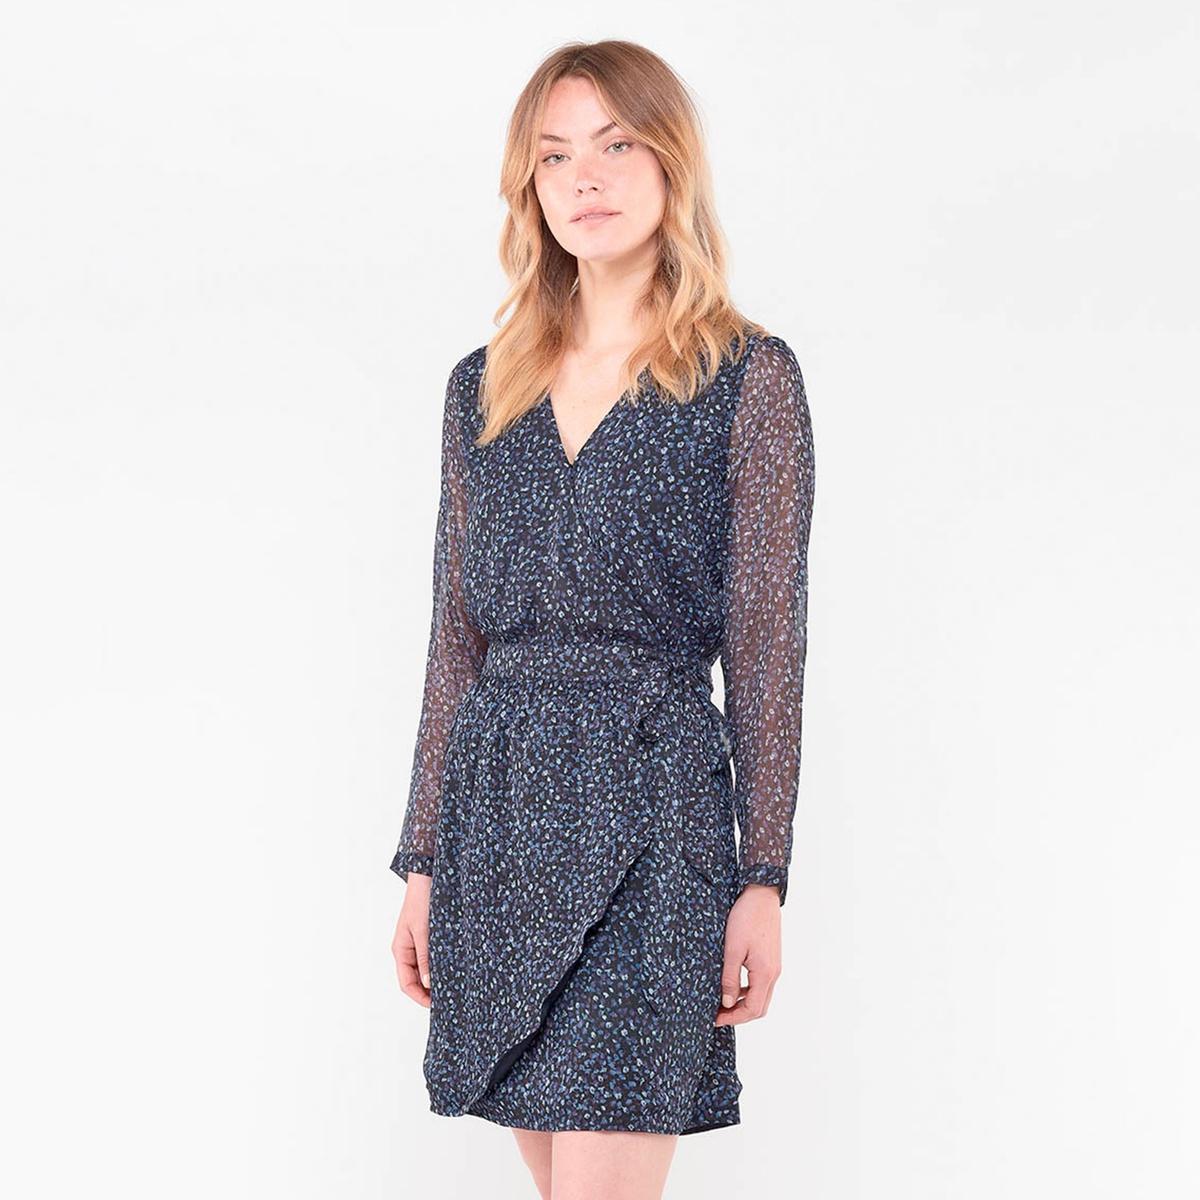 Платье La Redoute Короткое с запахом с цветочным рисунком M синий платье миди la redoute с запахом струящееся m синий